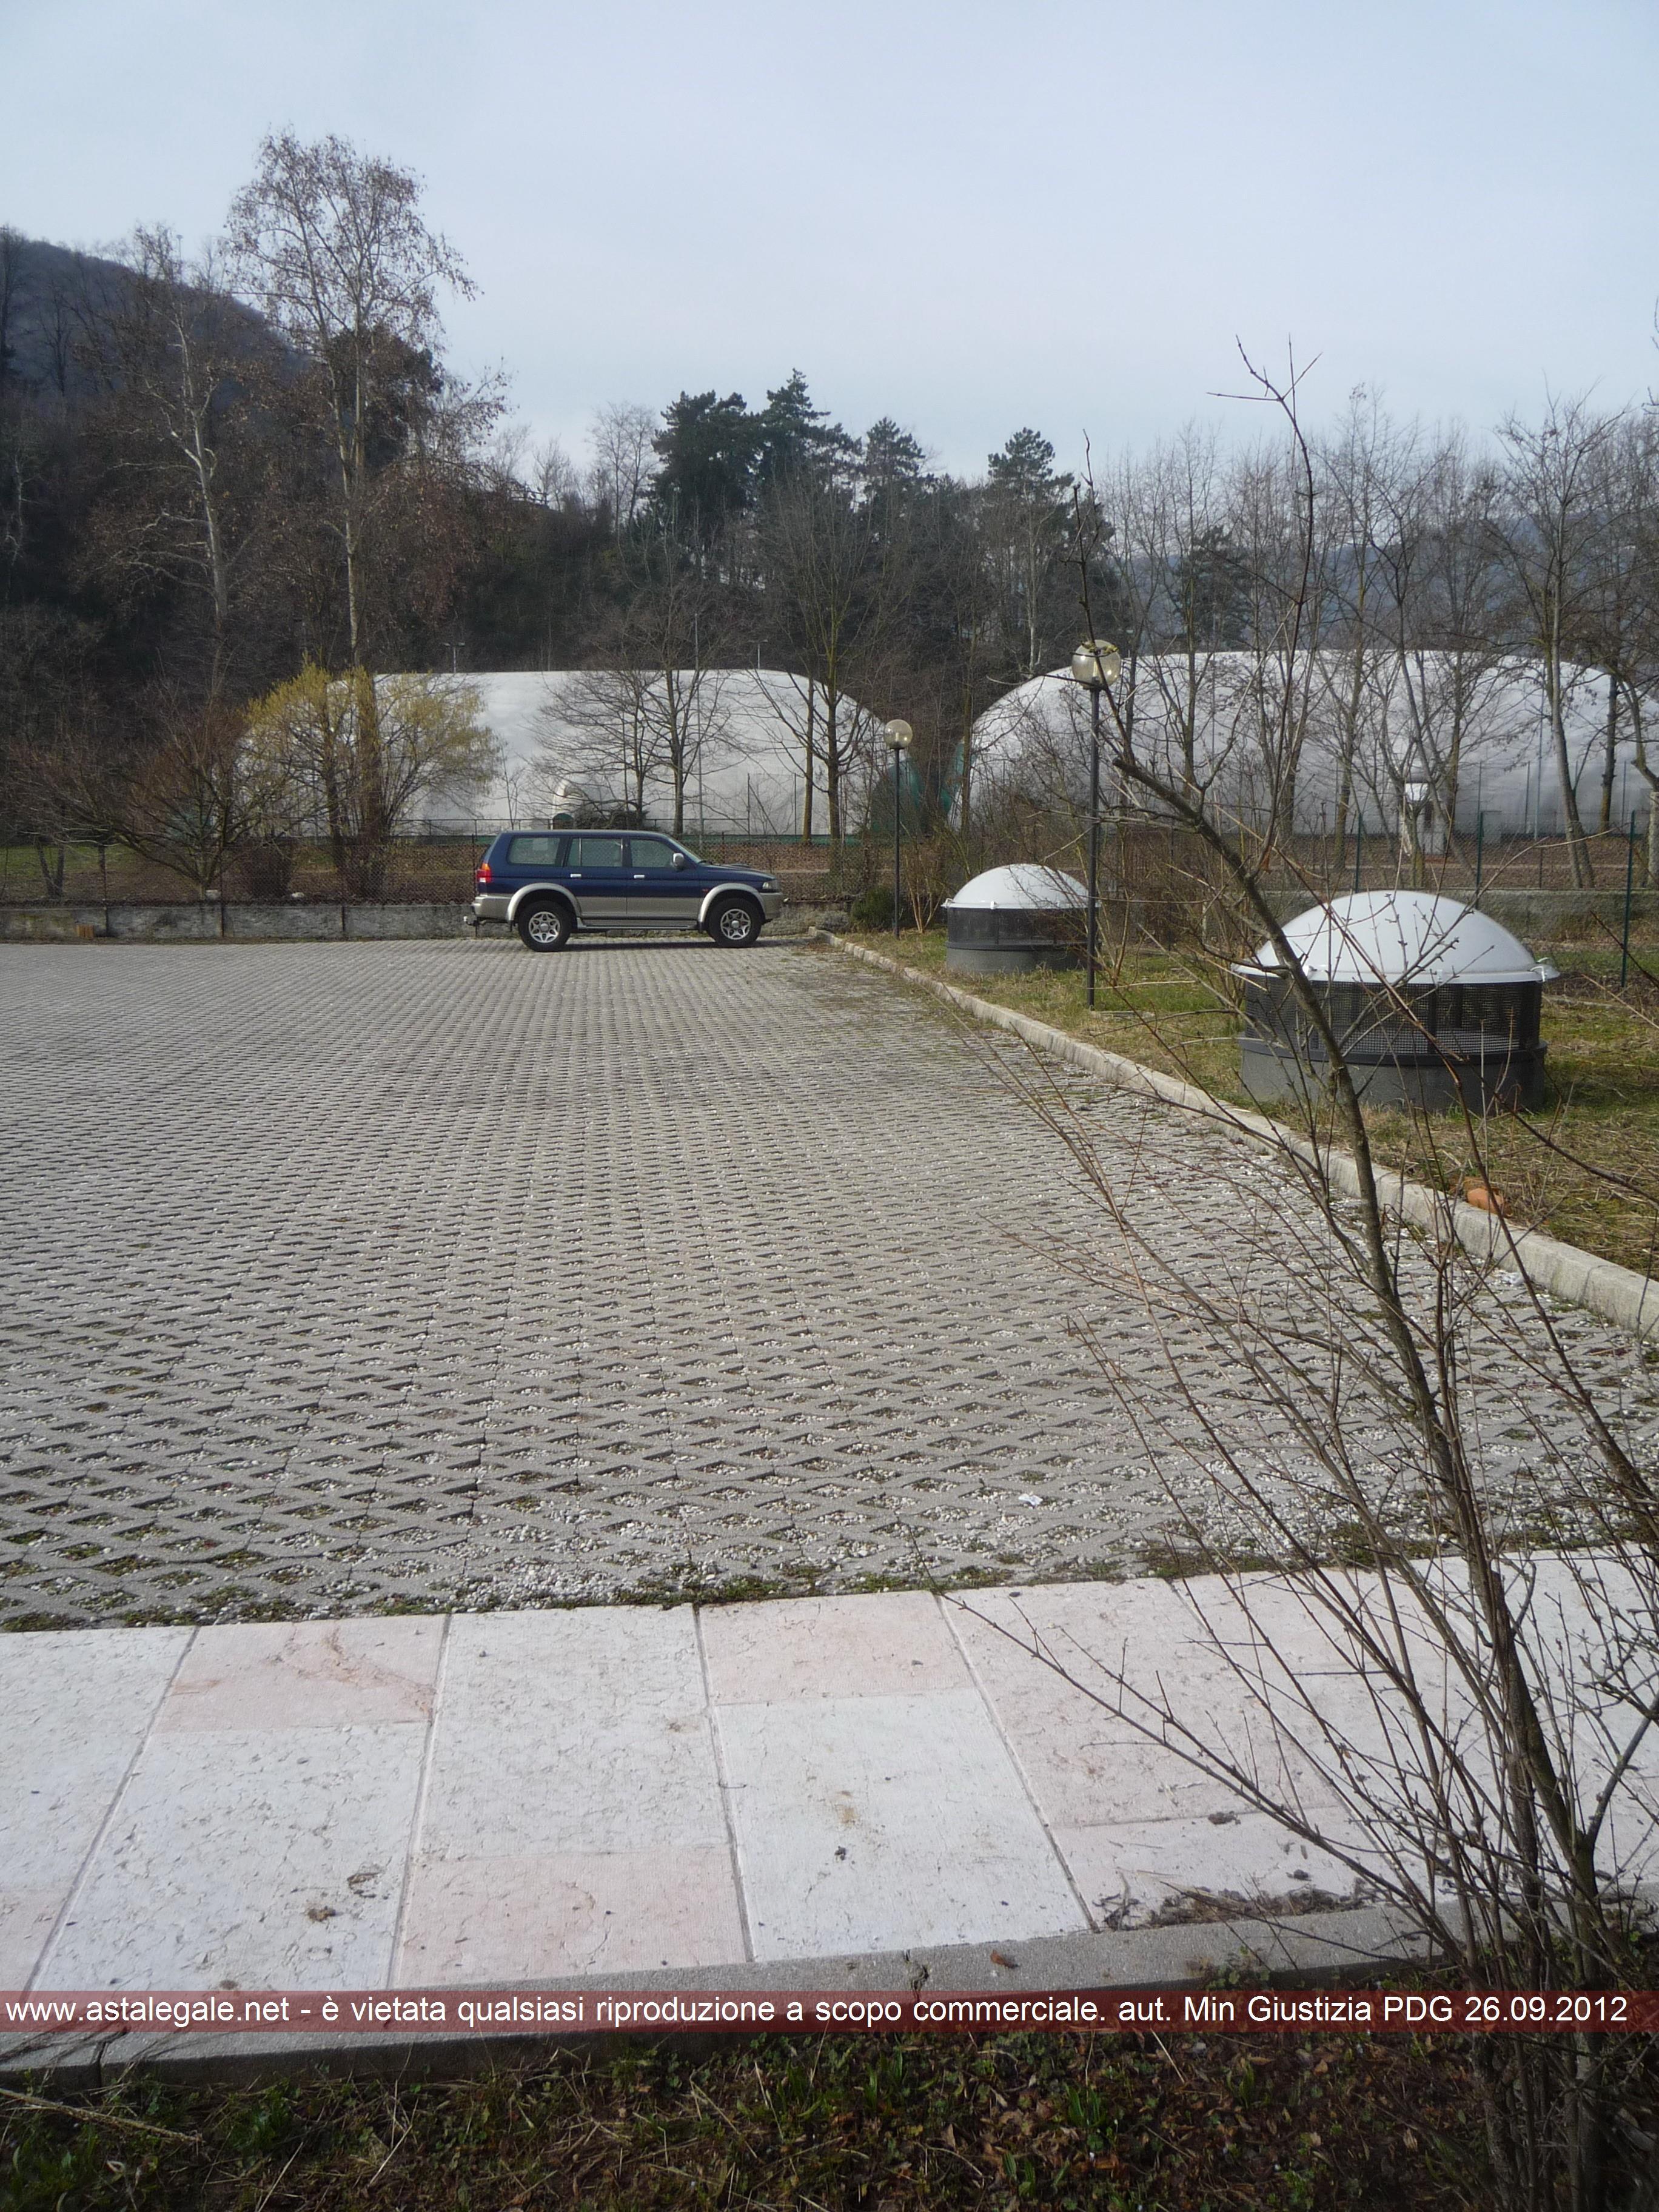 Malo (VI) Via Corte Filanda Corielli snc